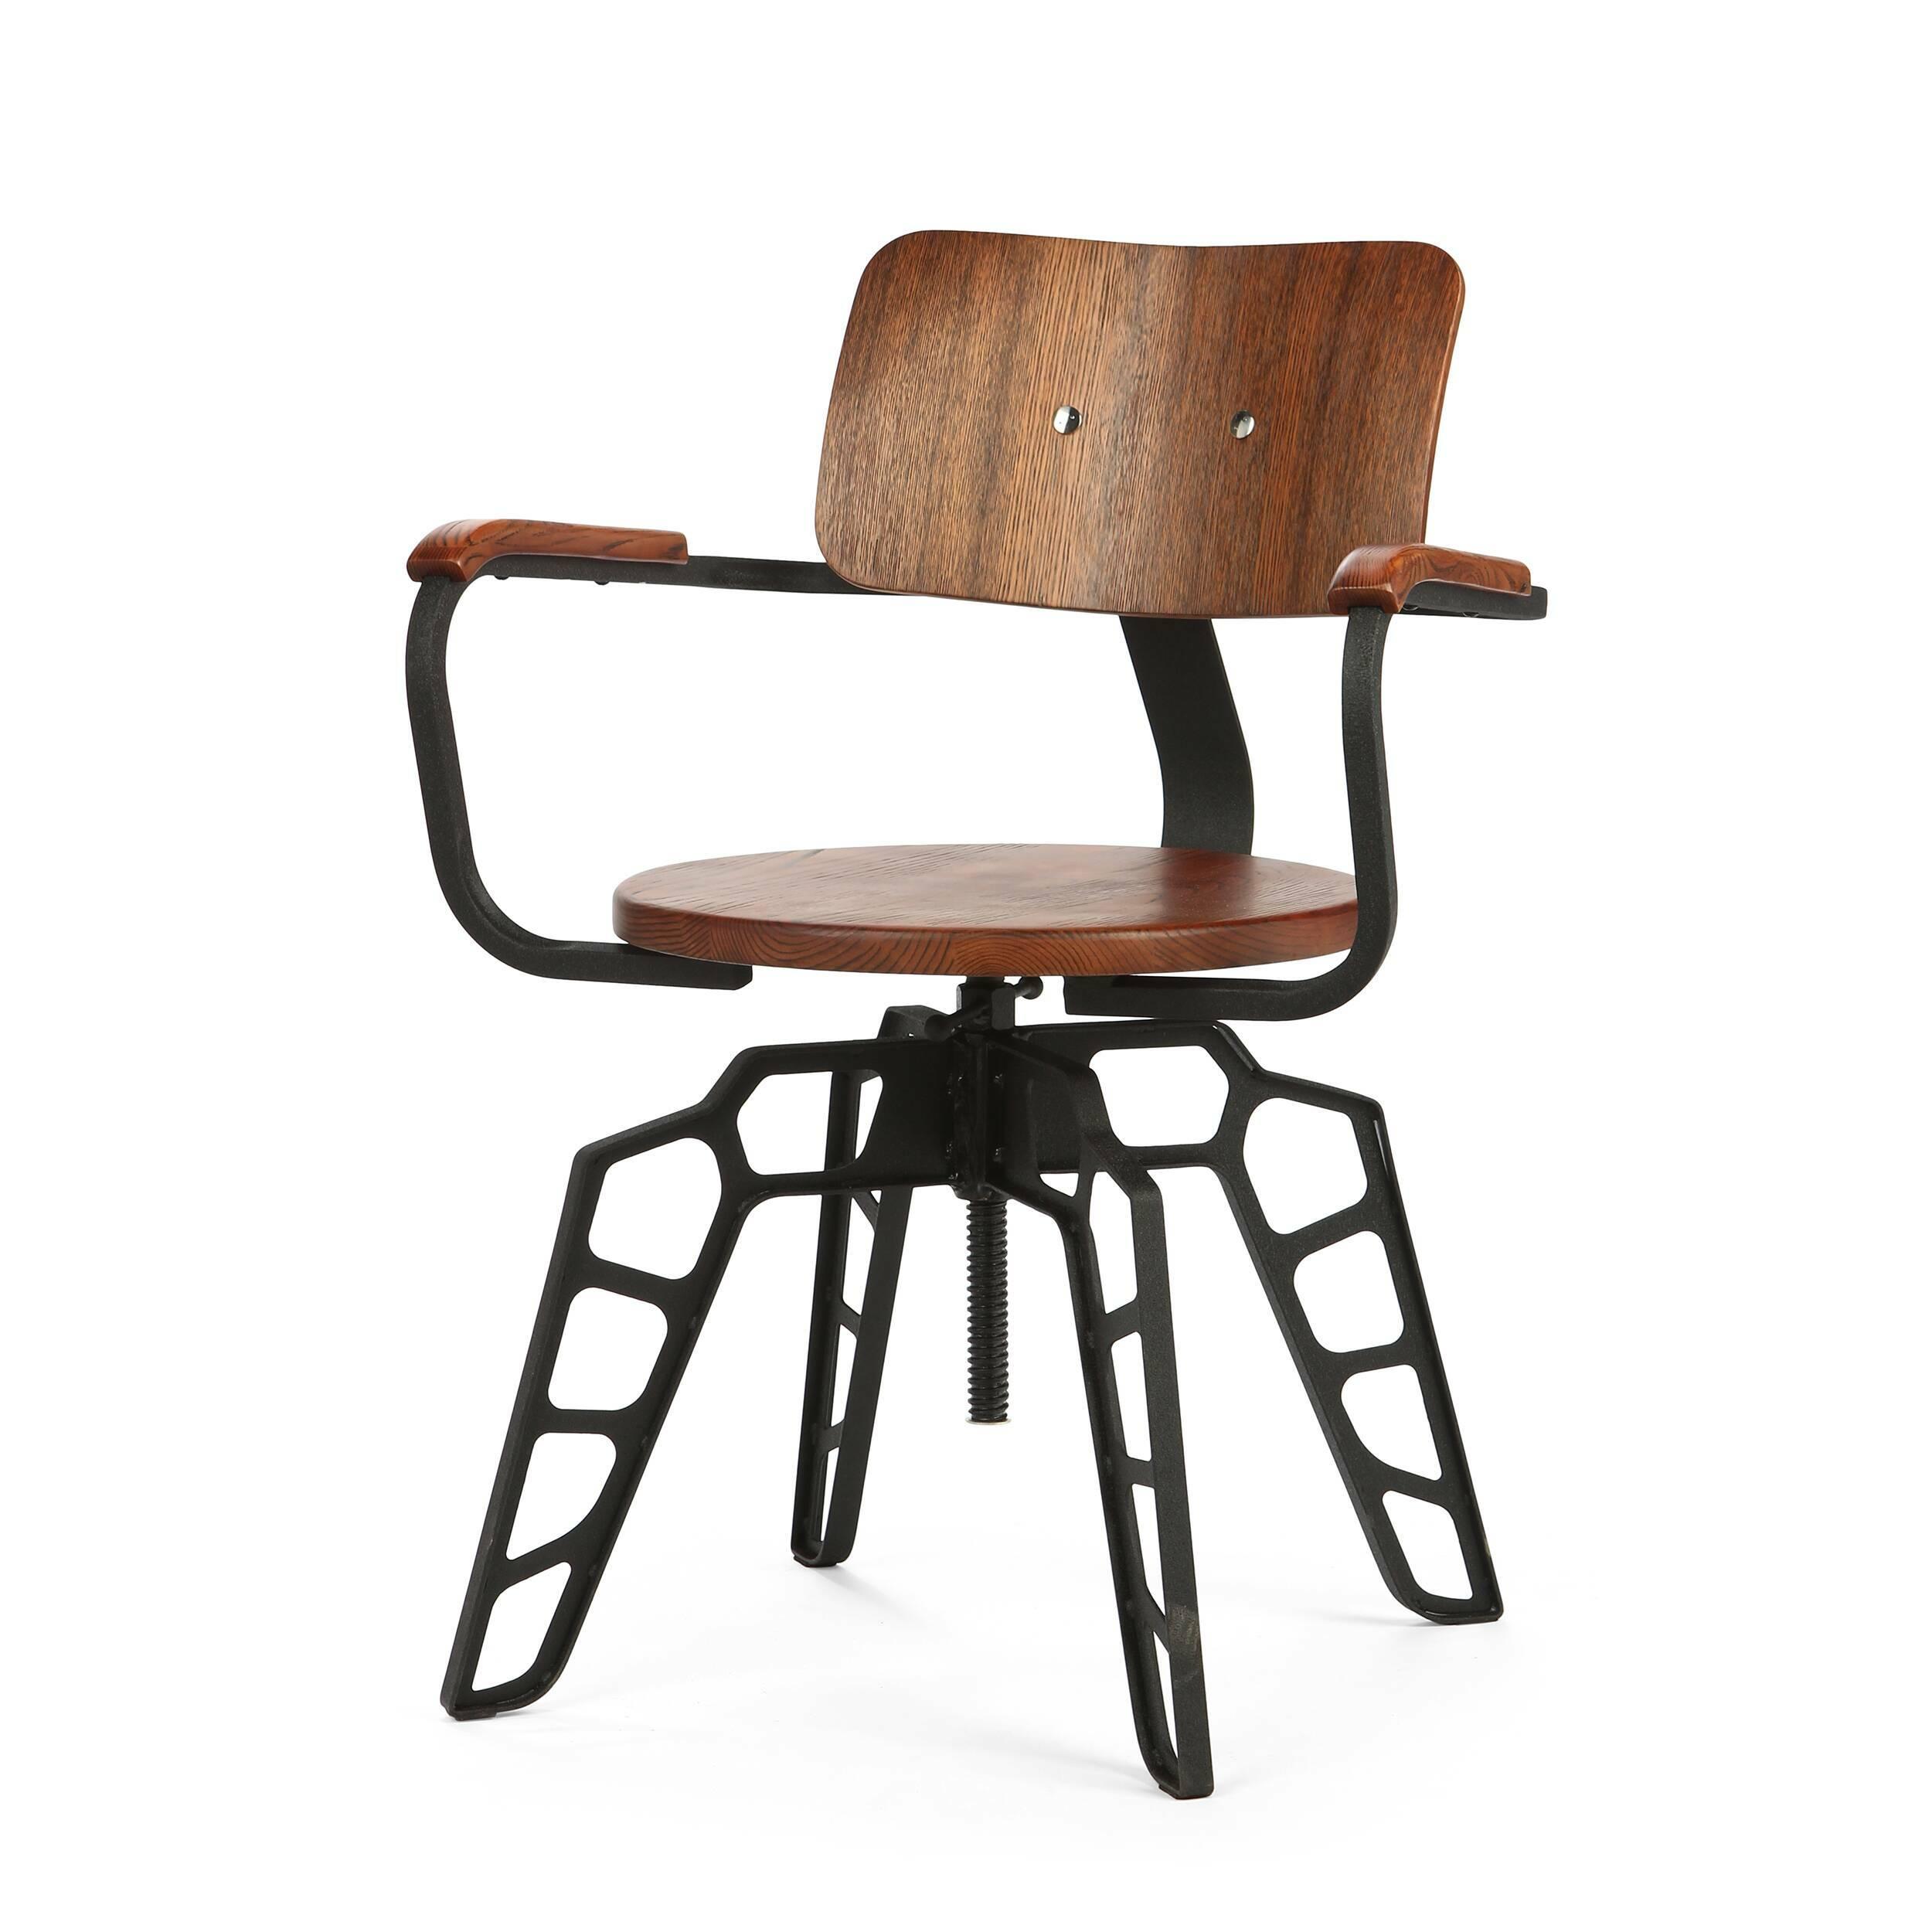 Стул BosИнтерьерные<br>Дизайнерский прочный стул Bos (Бос) на стальном каркасе с вставками из дерева от Cosmo (Космо).<br>Стул Bos — гибрид различных направлений в интерьере, который привнесет в дизайн вашей обеденной зоны или даже, может, бара изюминку. Совокупность деталей в индустриальном стиле, классические экоматериалы сделали стул необычным и беспрецедентным по идее дизайна.<br> <br> Необычной, но в то же время невероятно оригинальной и функциональной задумкой дизайнера является подъемный механизм сиденья. Благодар...<br><br>stock: 17<br>Высота: 84<br>Высота сиденья: 46.5-60<br>Ширина: 60<br>Глубина: 54<br>Цвет подлокотников: Темно-коричневый<br>Цвет спинки: Темно-коричневый<br>Материал спинки: Фанера, шпон ивы<br>Материал подлокотников: Массив ивы<br>Тип материала каркаса: Сталь<br>Материал сидения: Массив ивы<br>Цвет сидения: Темно-коричневый<br>Тип материала спинки: Дерево<br>Тип материала сидения: Дерево<br>Цвет каркаса: Черный